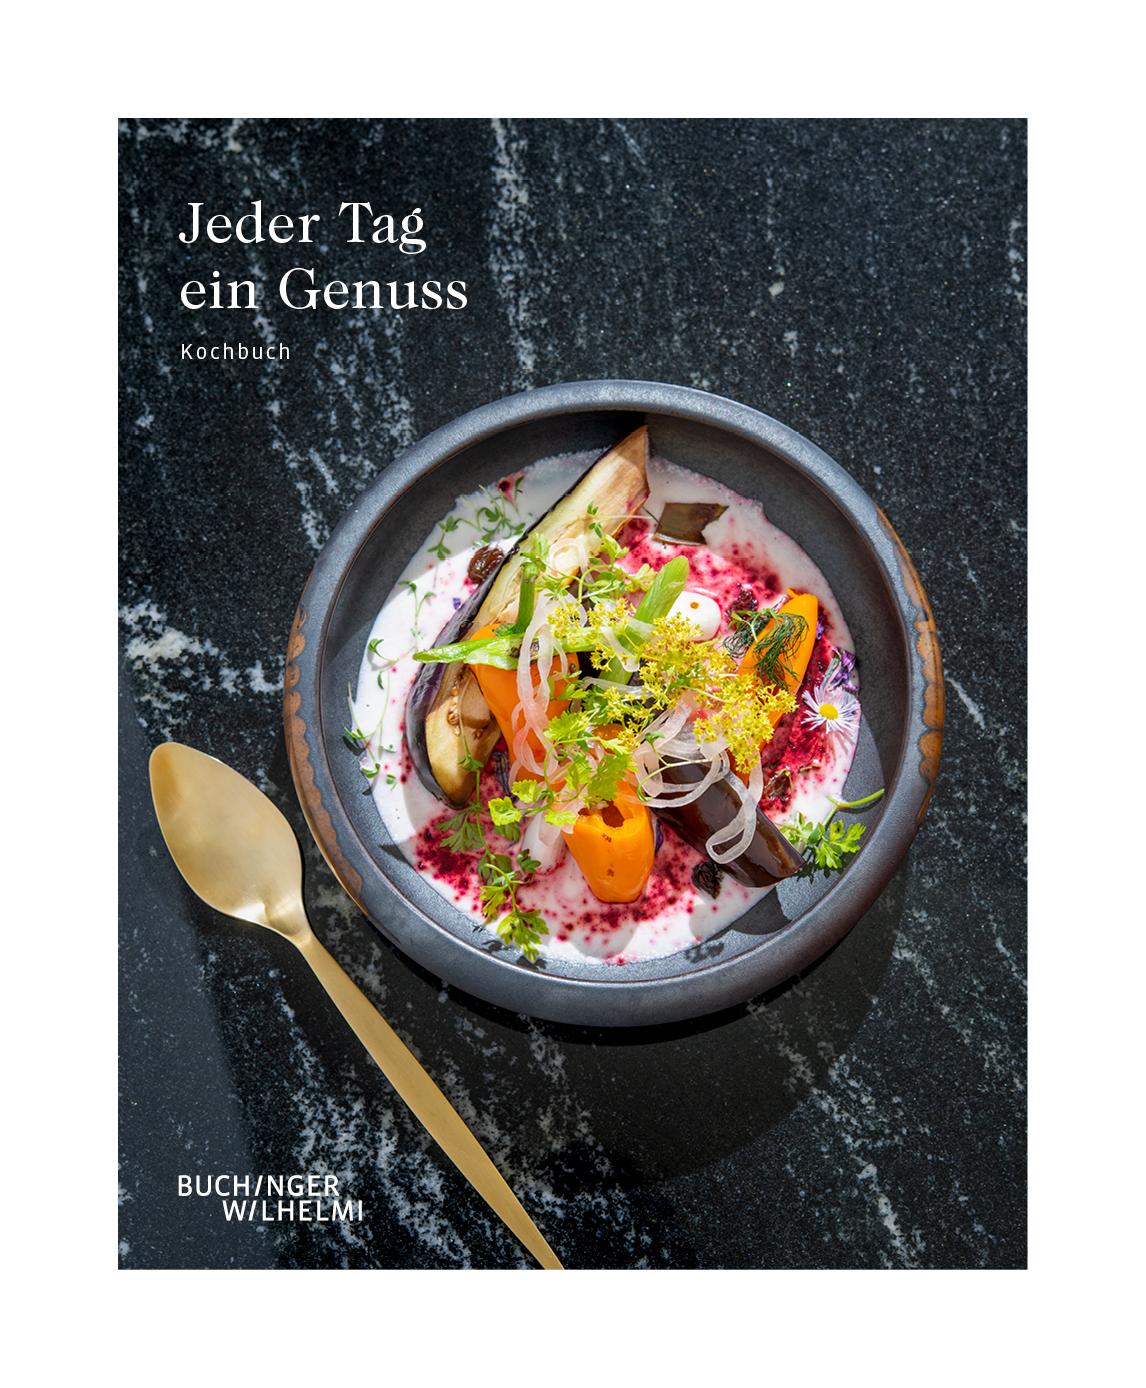 Buchinger Wilhelmi, Fasten, Heilfasten, Fasting, Health, Integrative Medicine, Kochbuch, cookbook, kochen